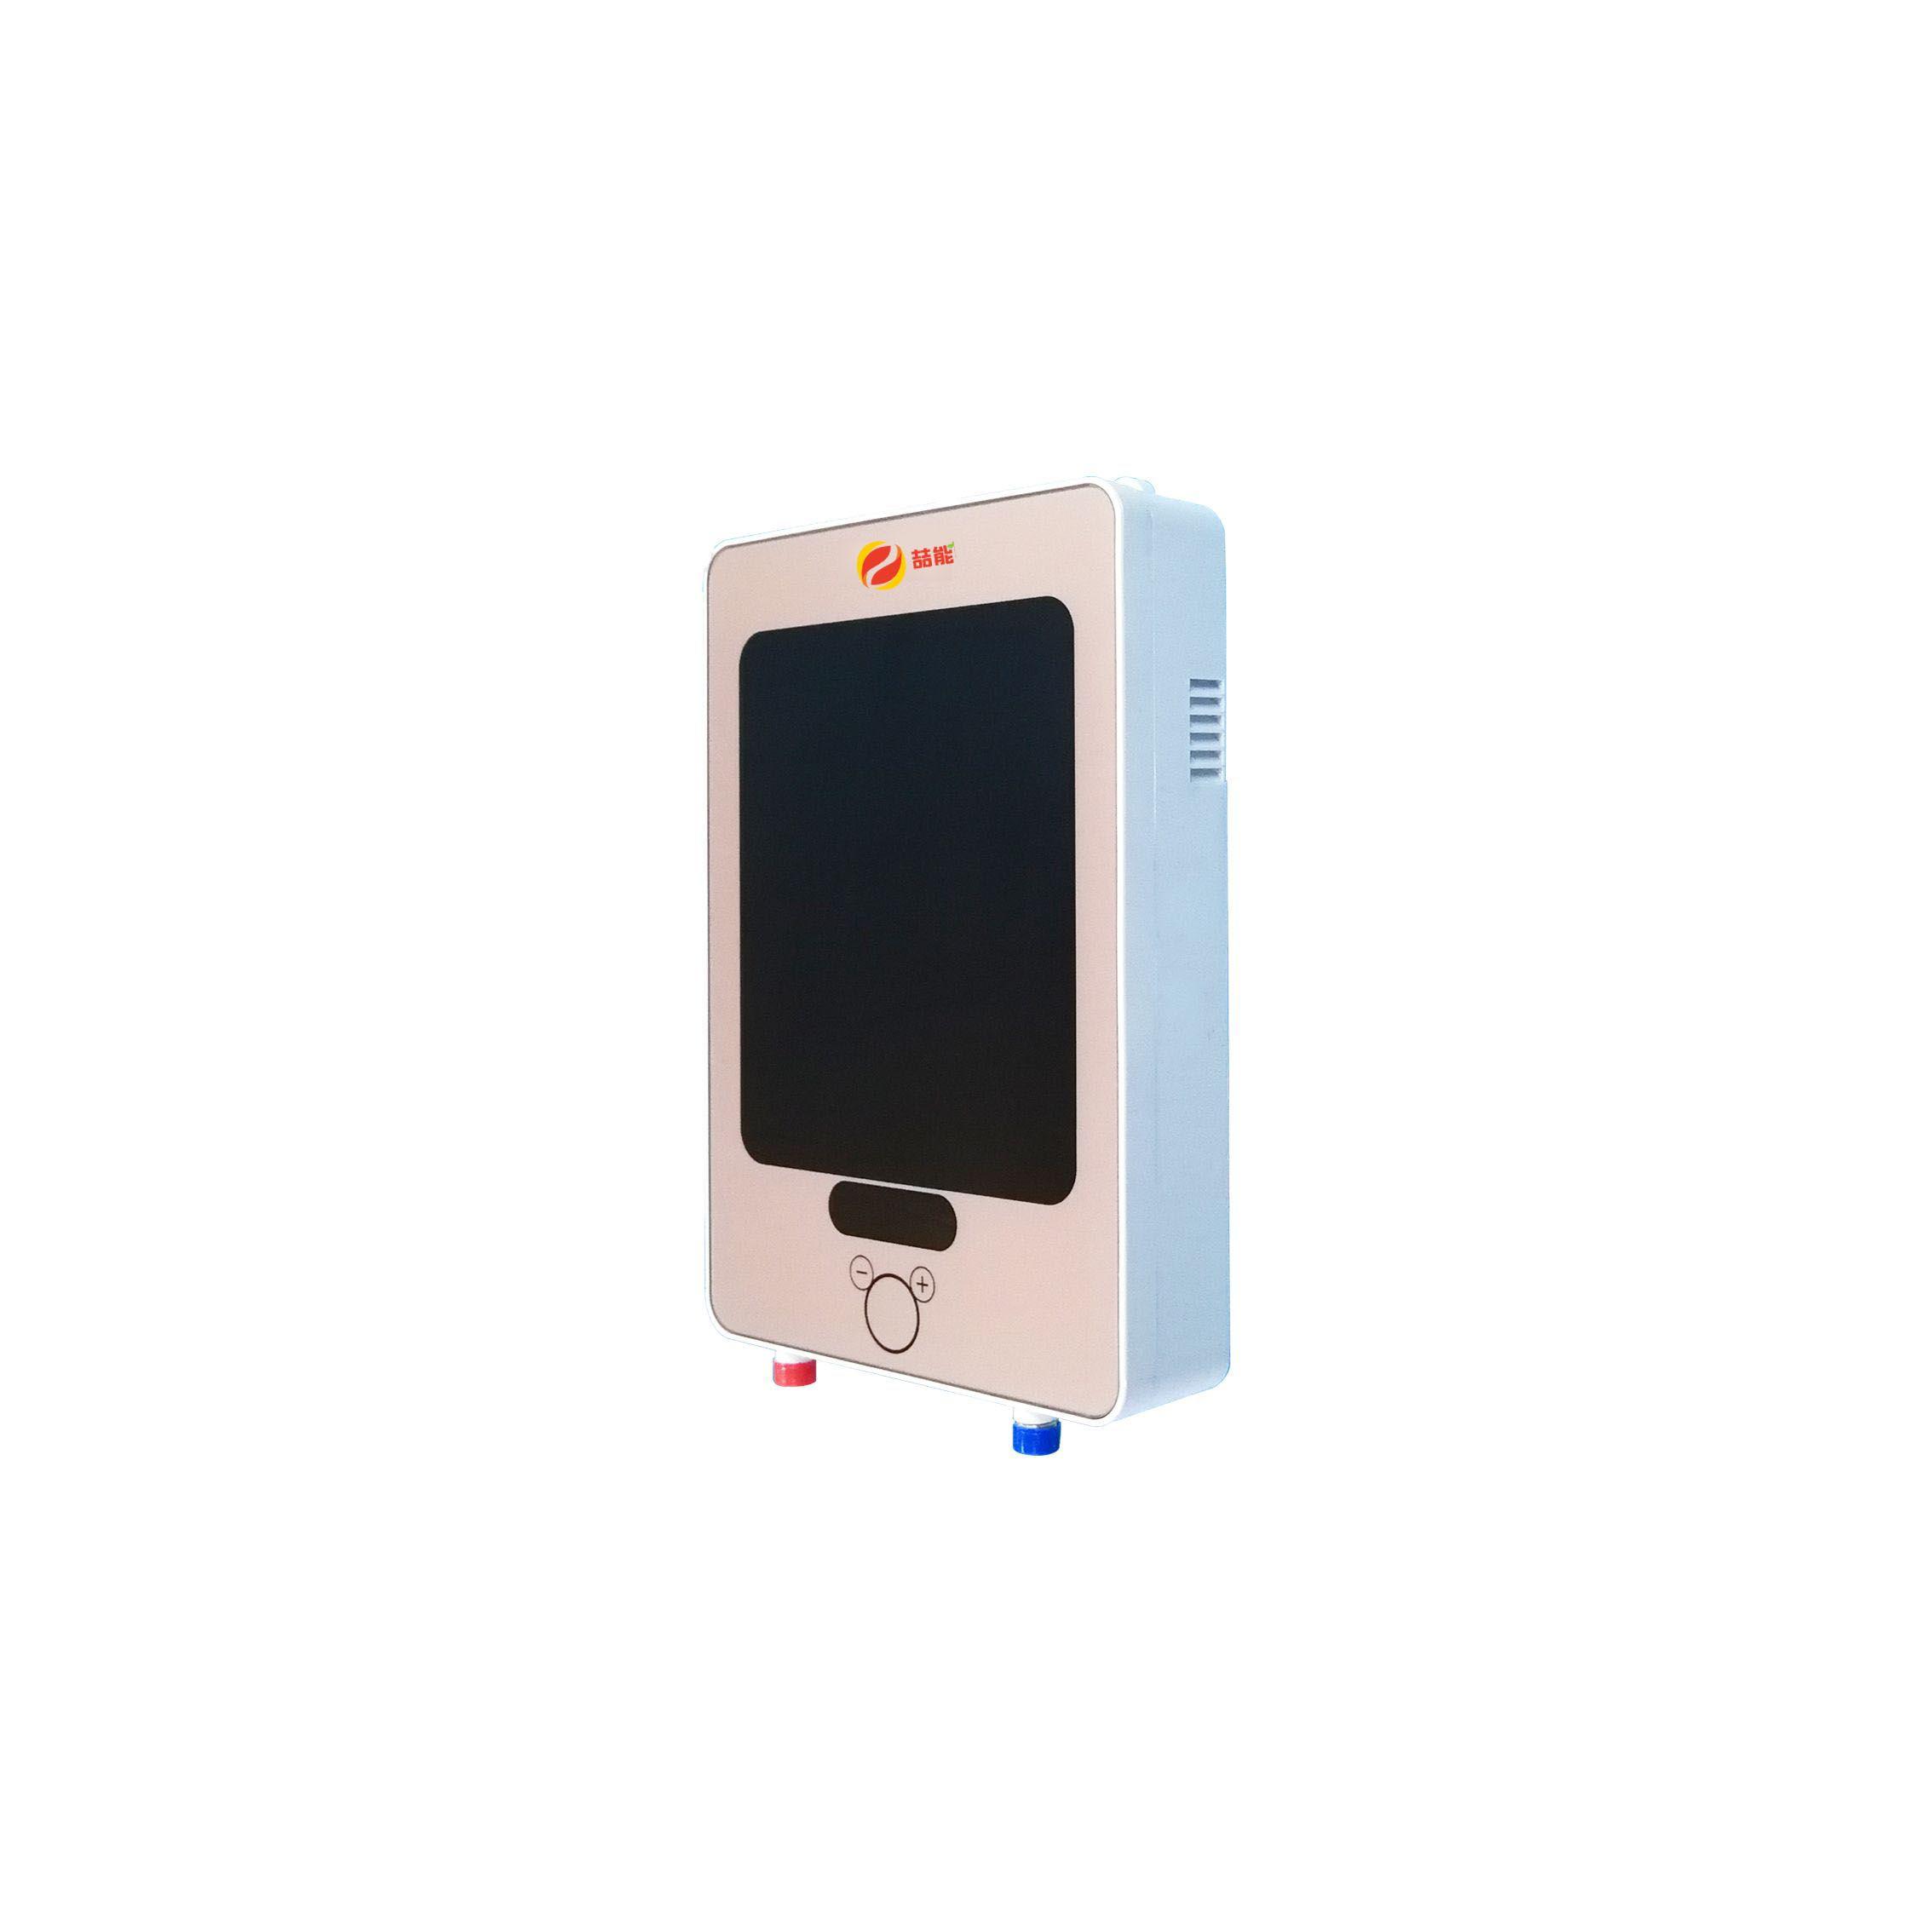 电磁热水器